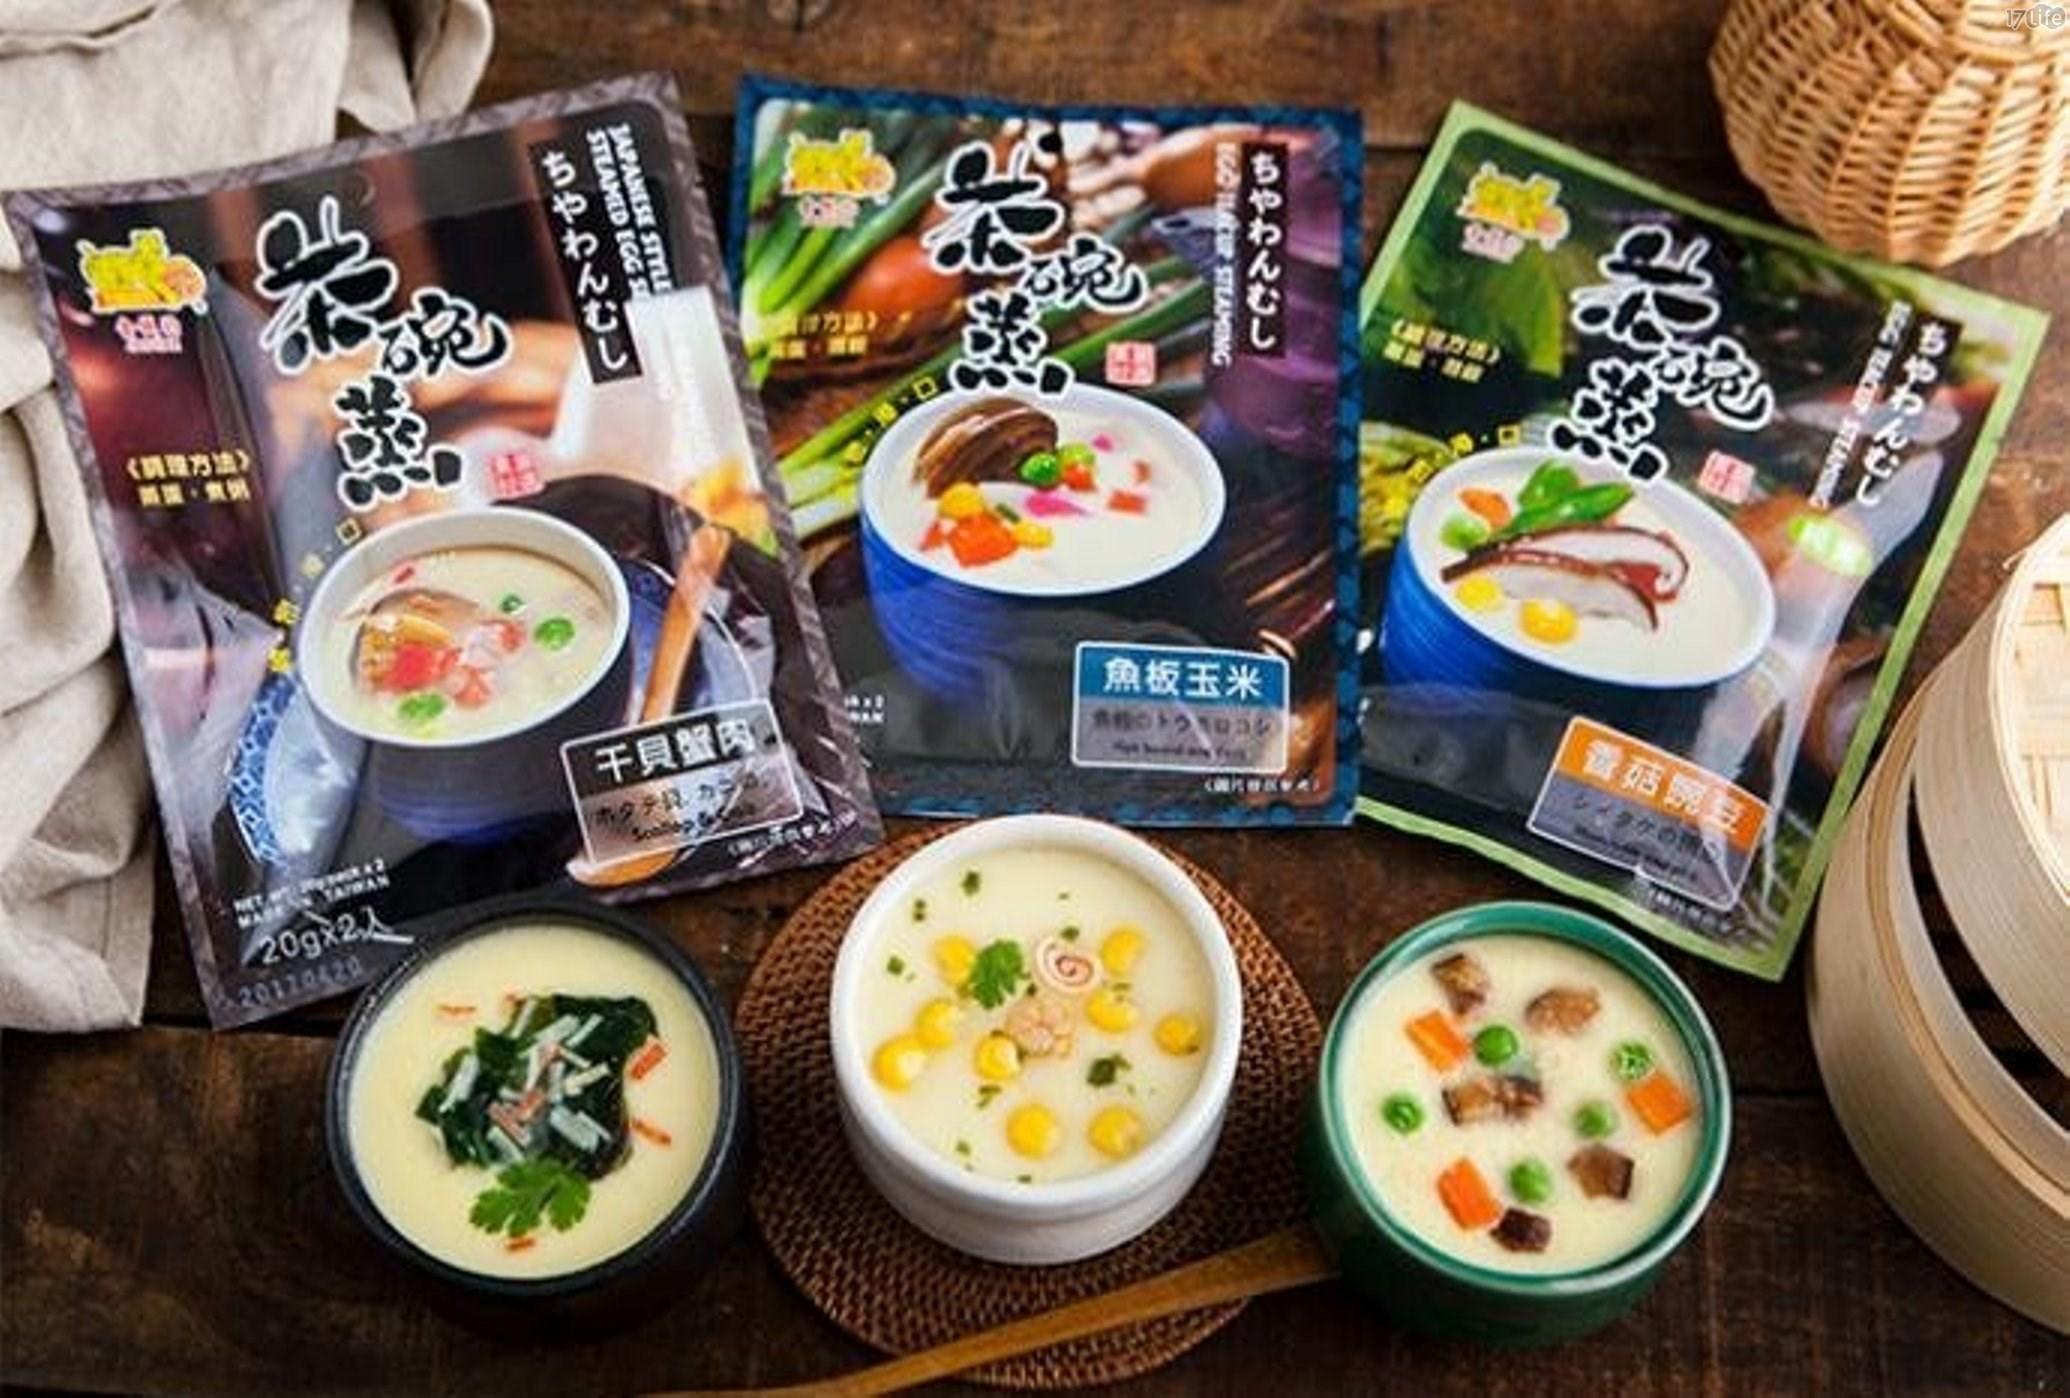 茶碗蒸/日式/干貝蟹肉/香菇碗豆/魚板玉米/蒸蛋/台灣/DIY/泡飯/點心